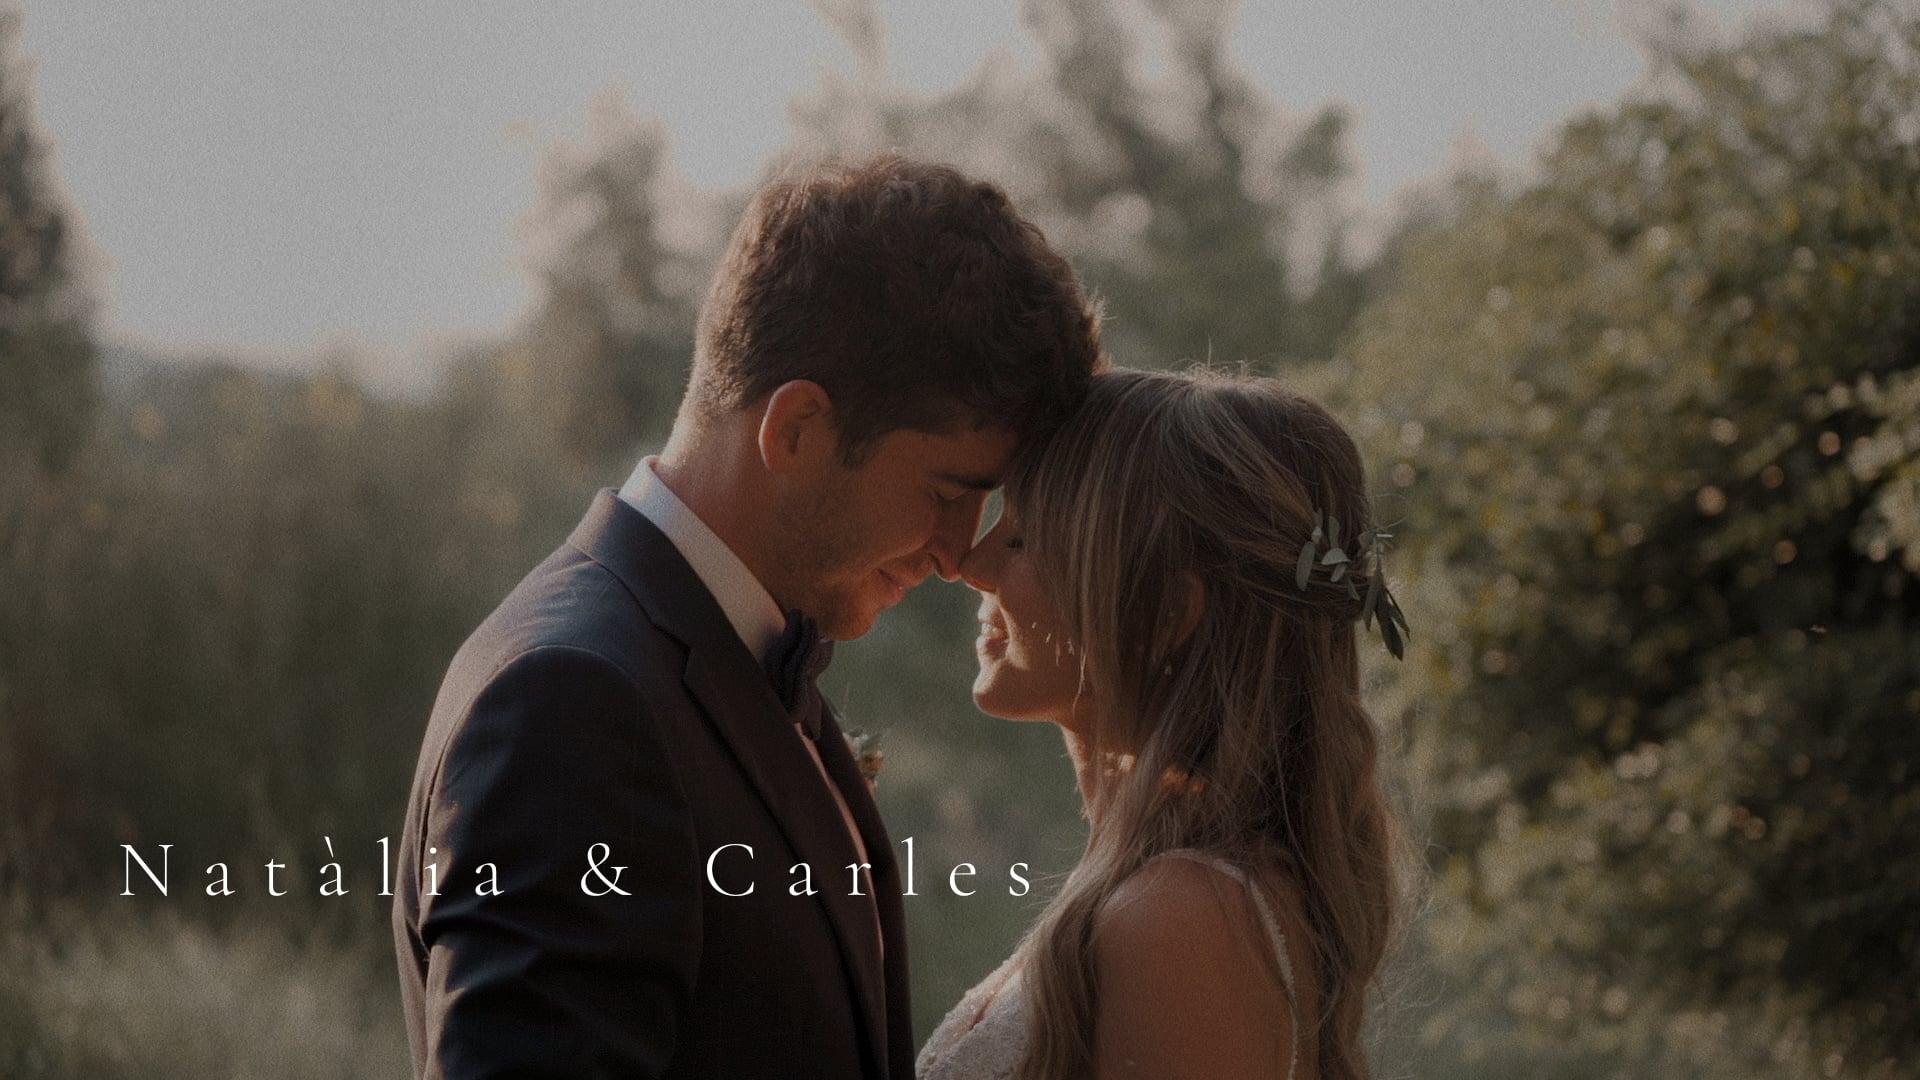 Natàlia & Carles - El teaser